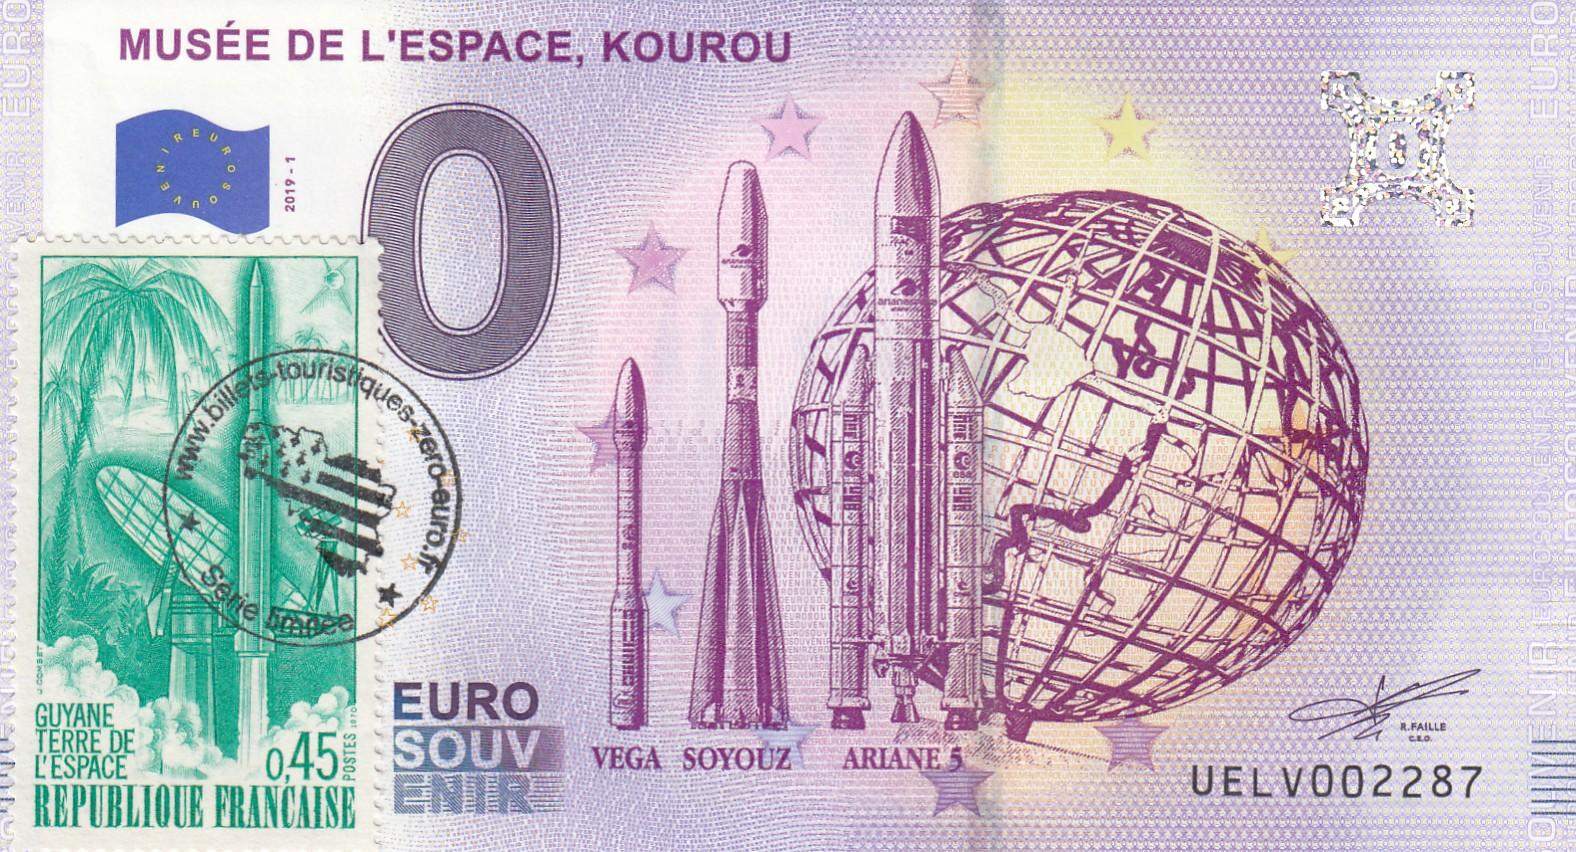 973 - Musée De L'espace - Kourou - 2019 - Timbré, Tamponné Les Clients D'Abord